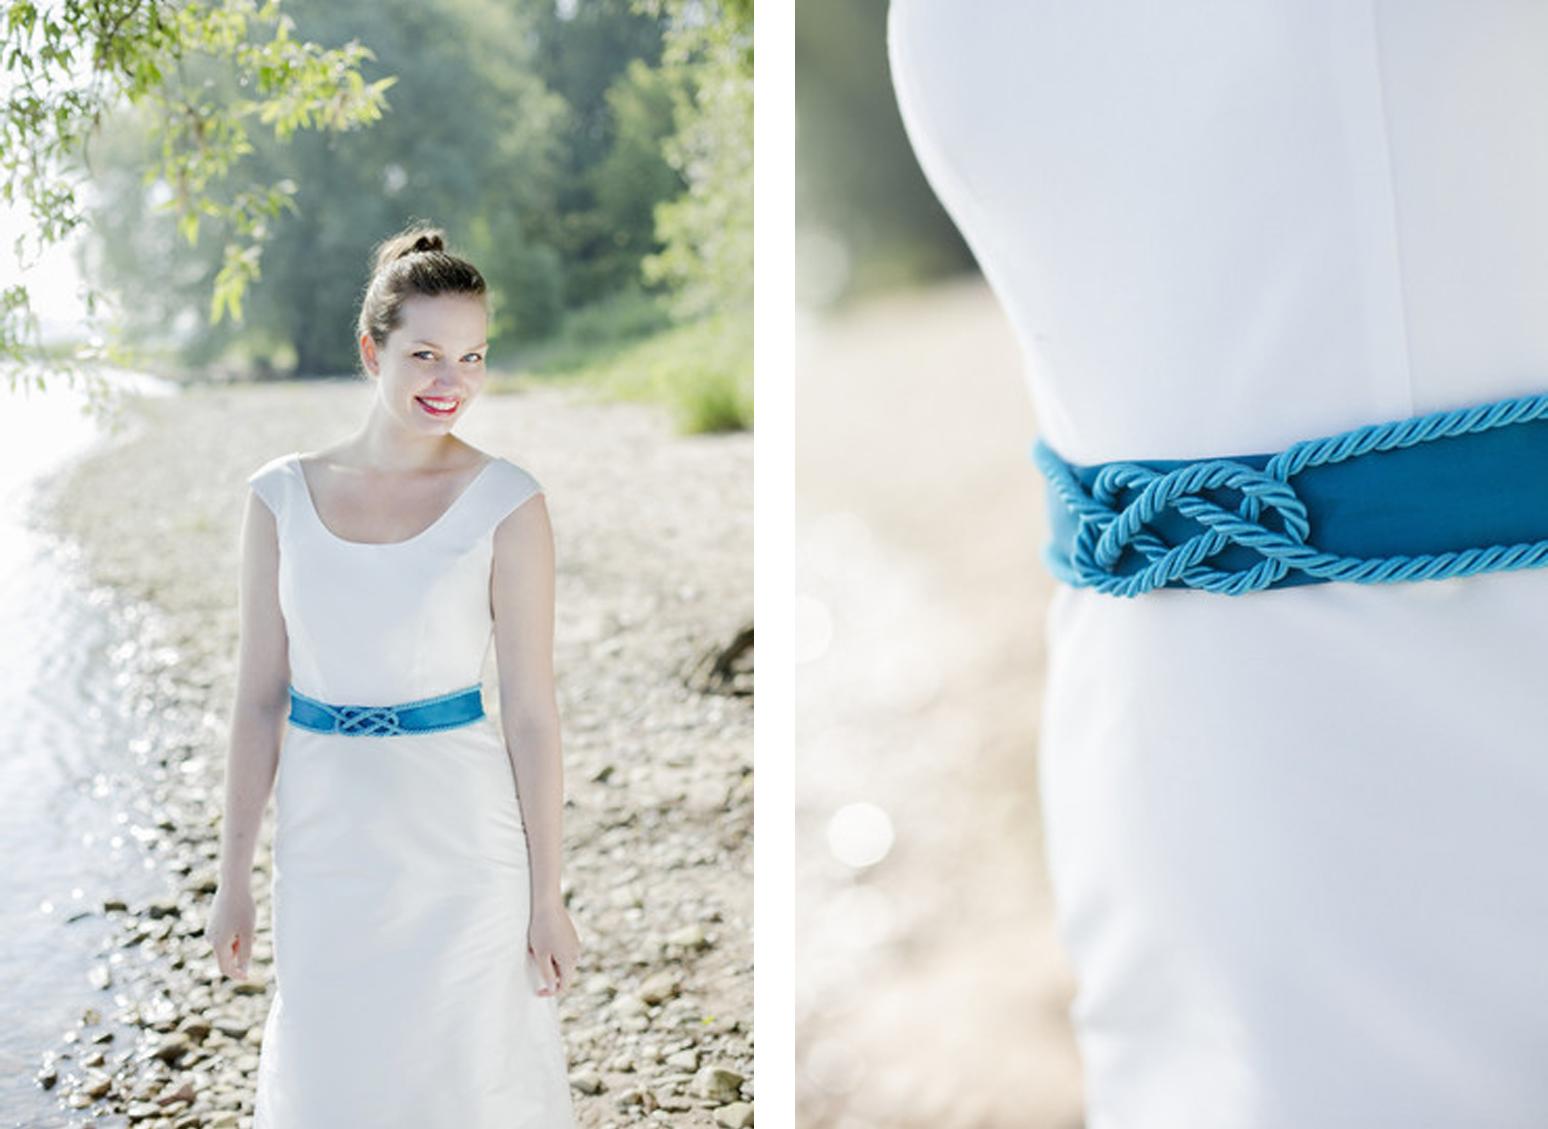 Ungewöhnlich Diy Hochzeitskleid Galerie - Brautkleider Ideen ...